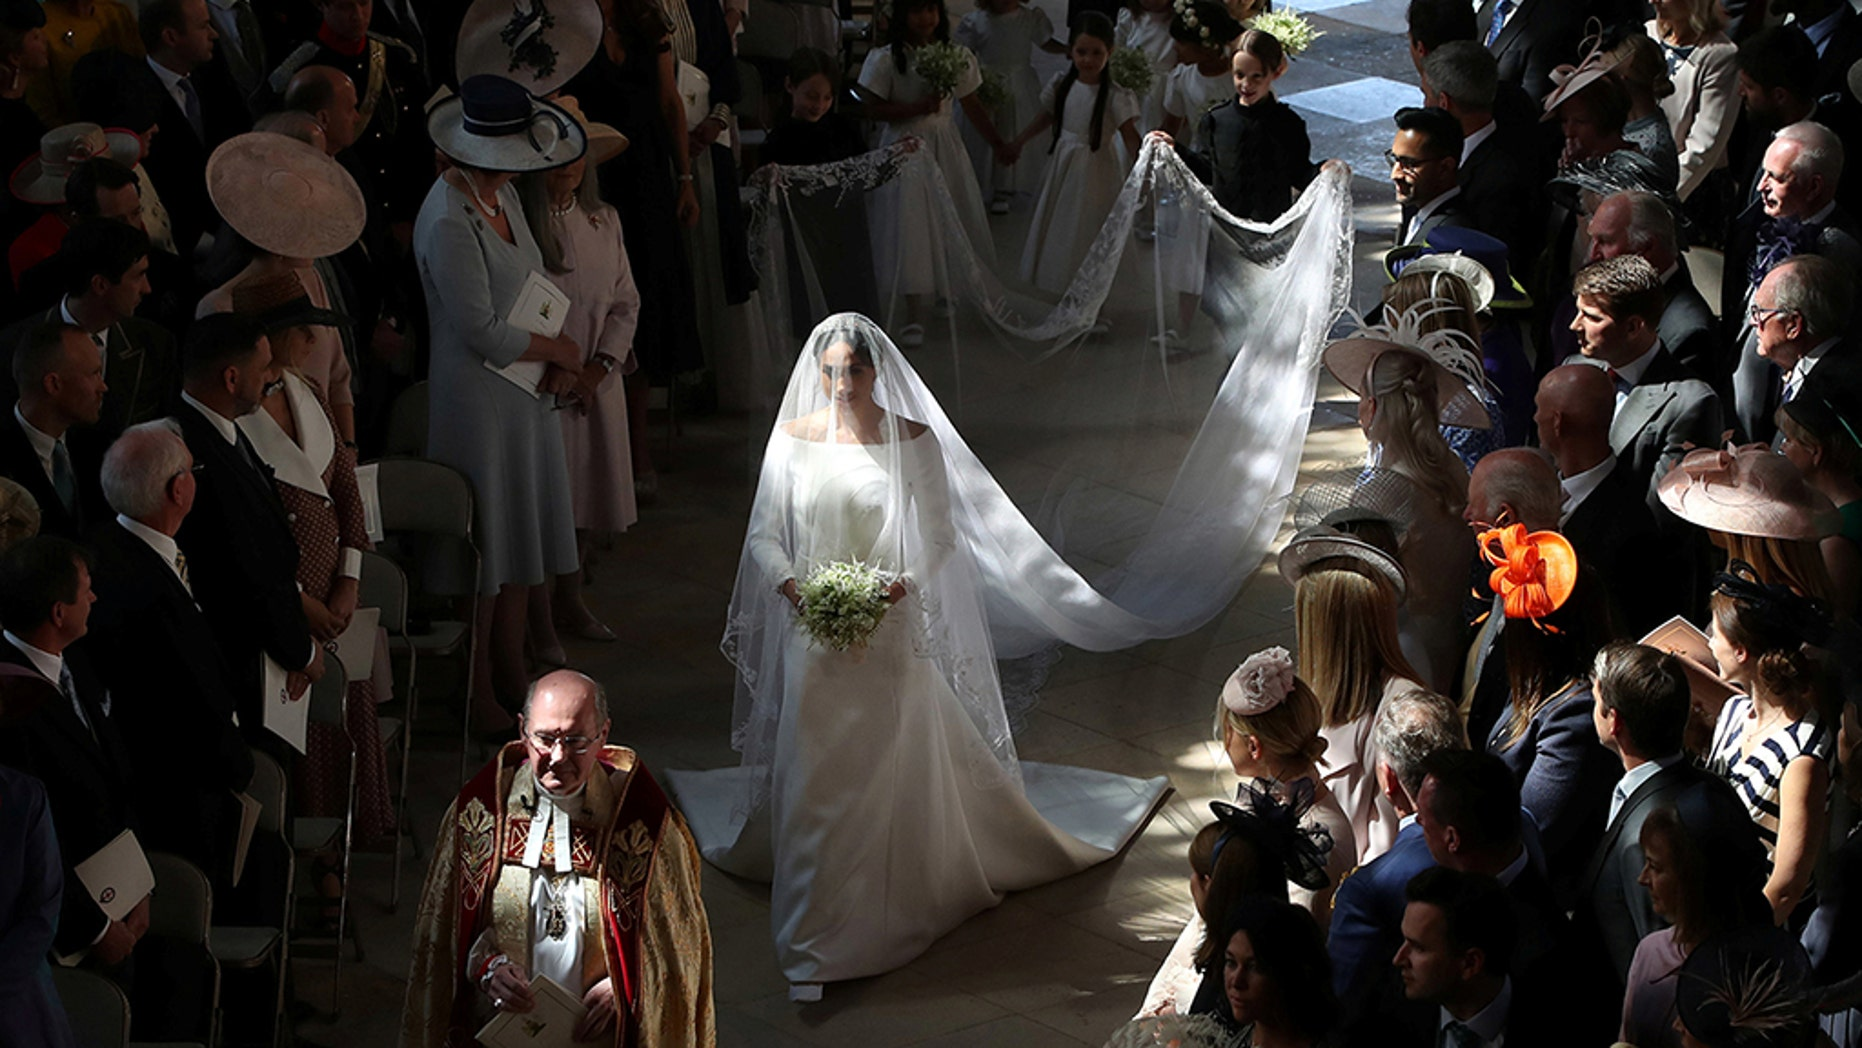 Queen Elizabeth Ii Wedding.Meghan Markle Reacts To Royal Wedding Dress In Queen Elizabeth Ii